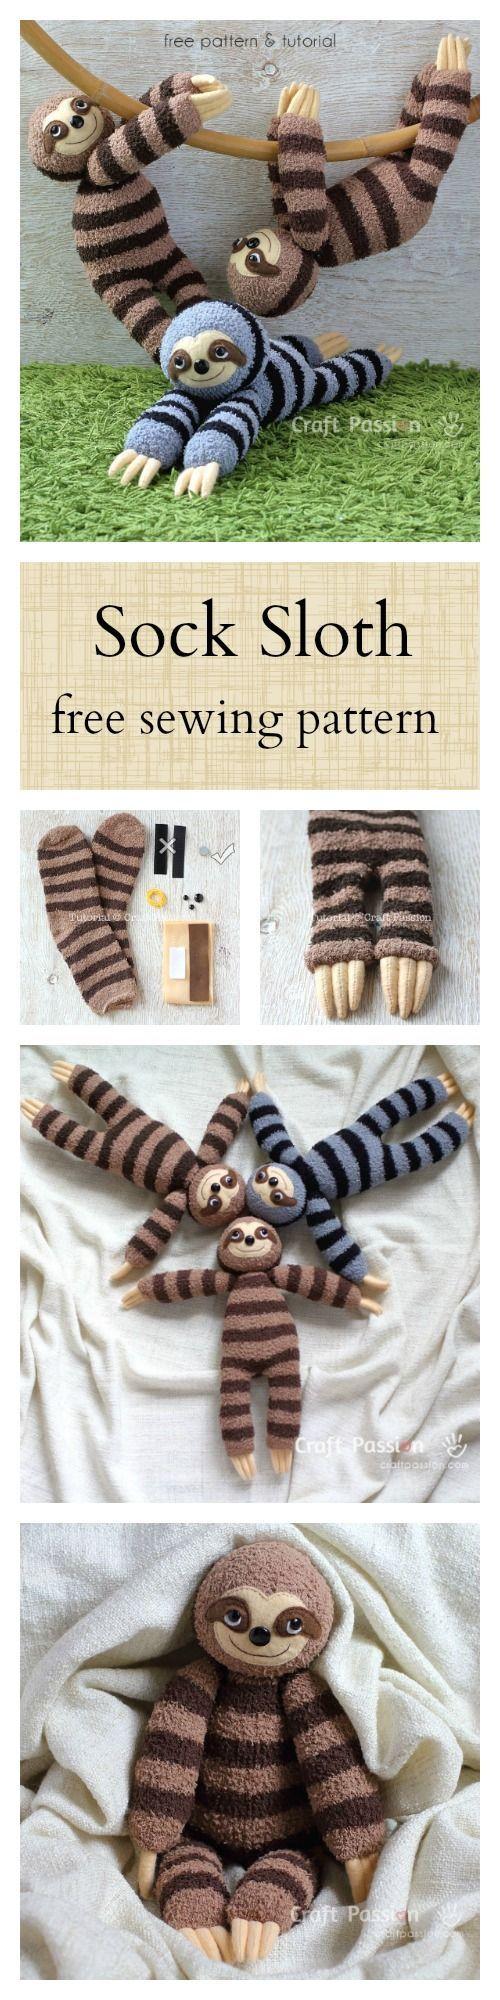 Sock Sloth Plushie - Free Sewing Pattern | DIY | Pinterest ...